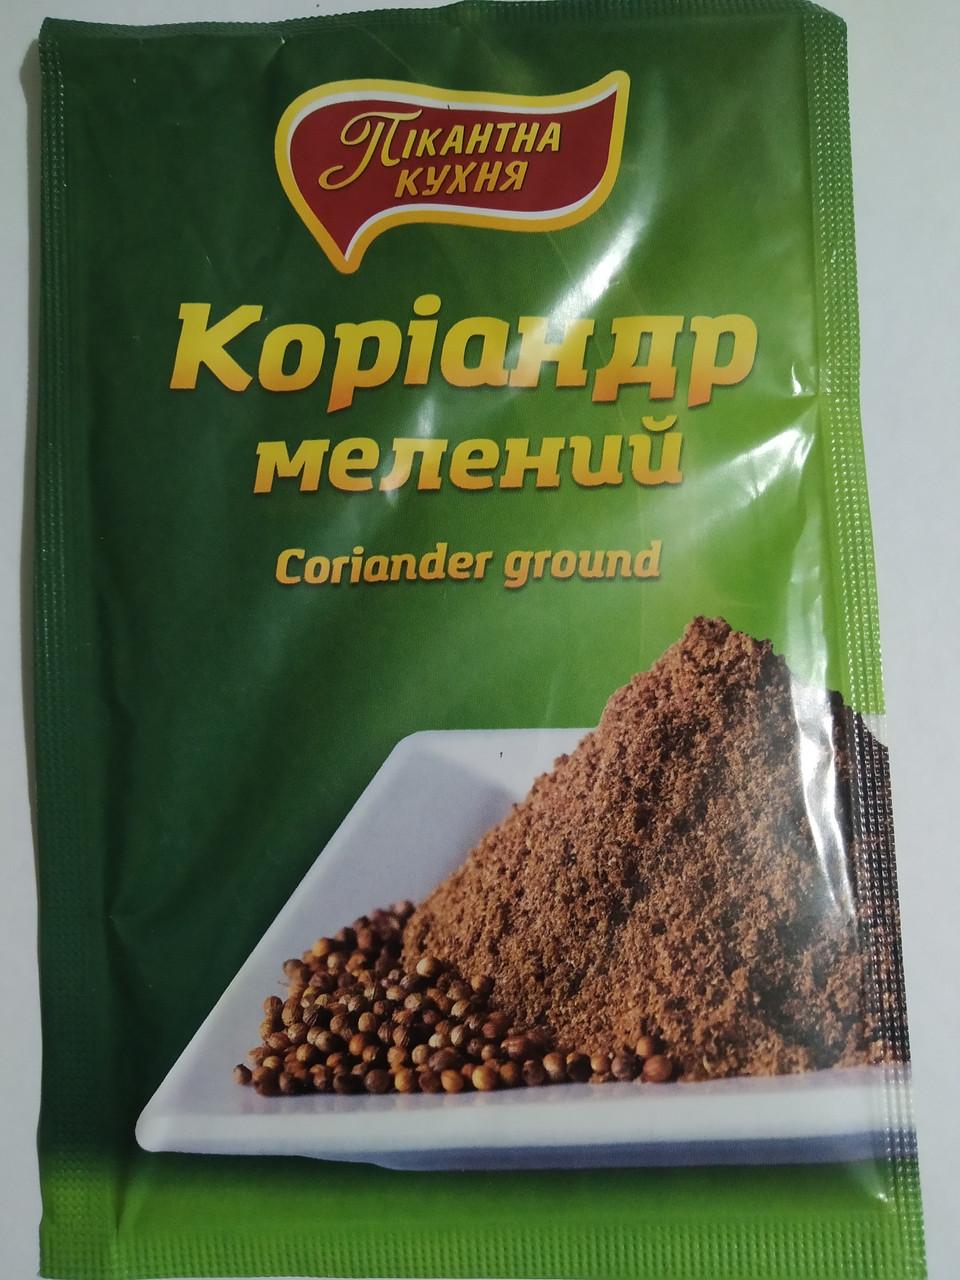 """Коріандр мелений Пікантна кухня"""" 15 гр"""